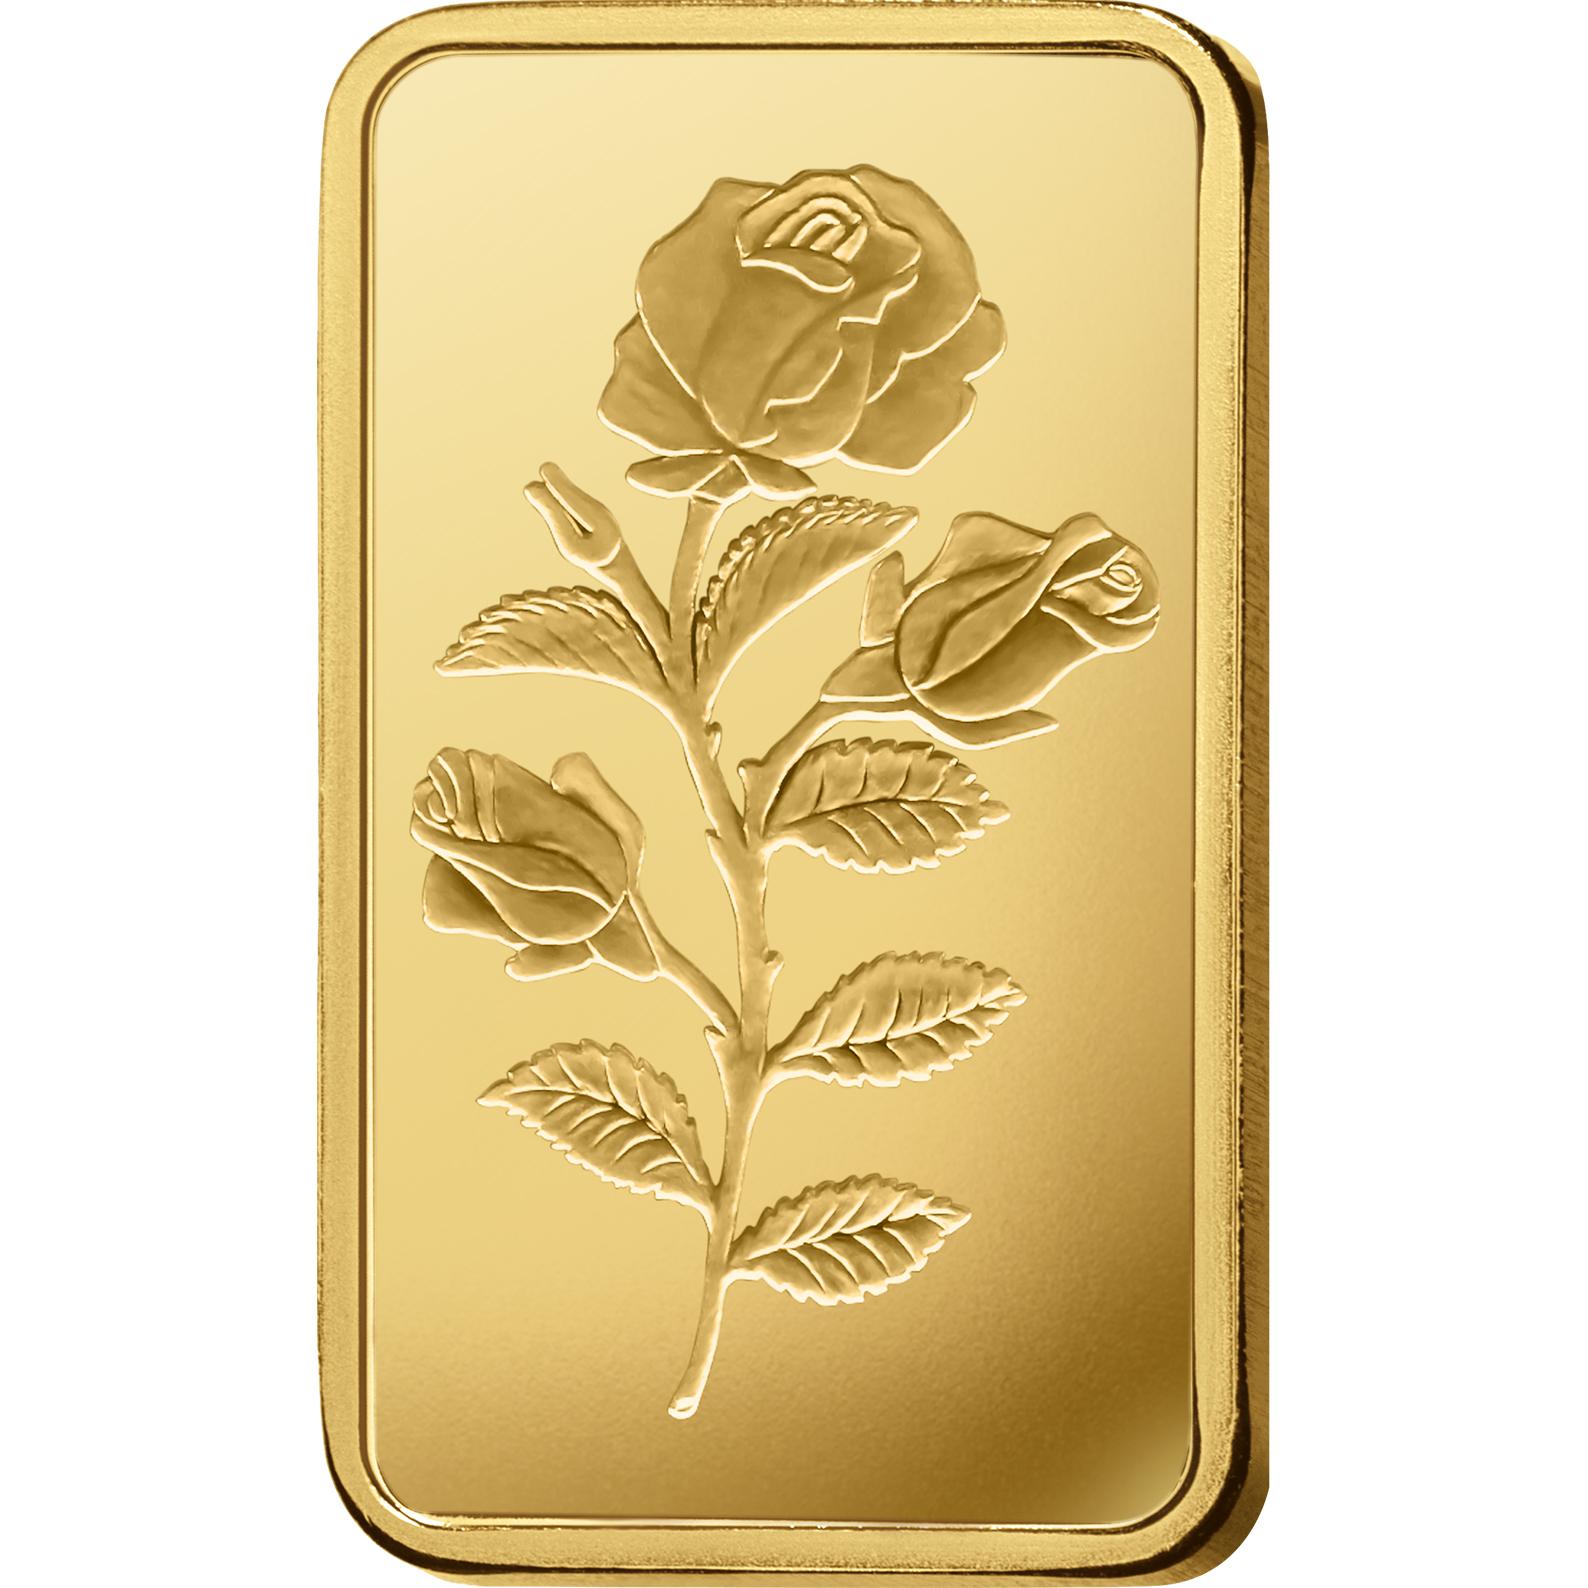 1/2 oz Gold Bar - PAMP Suisse Rosa